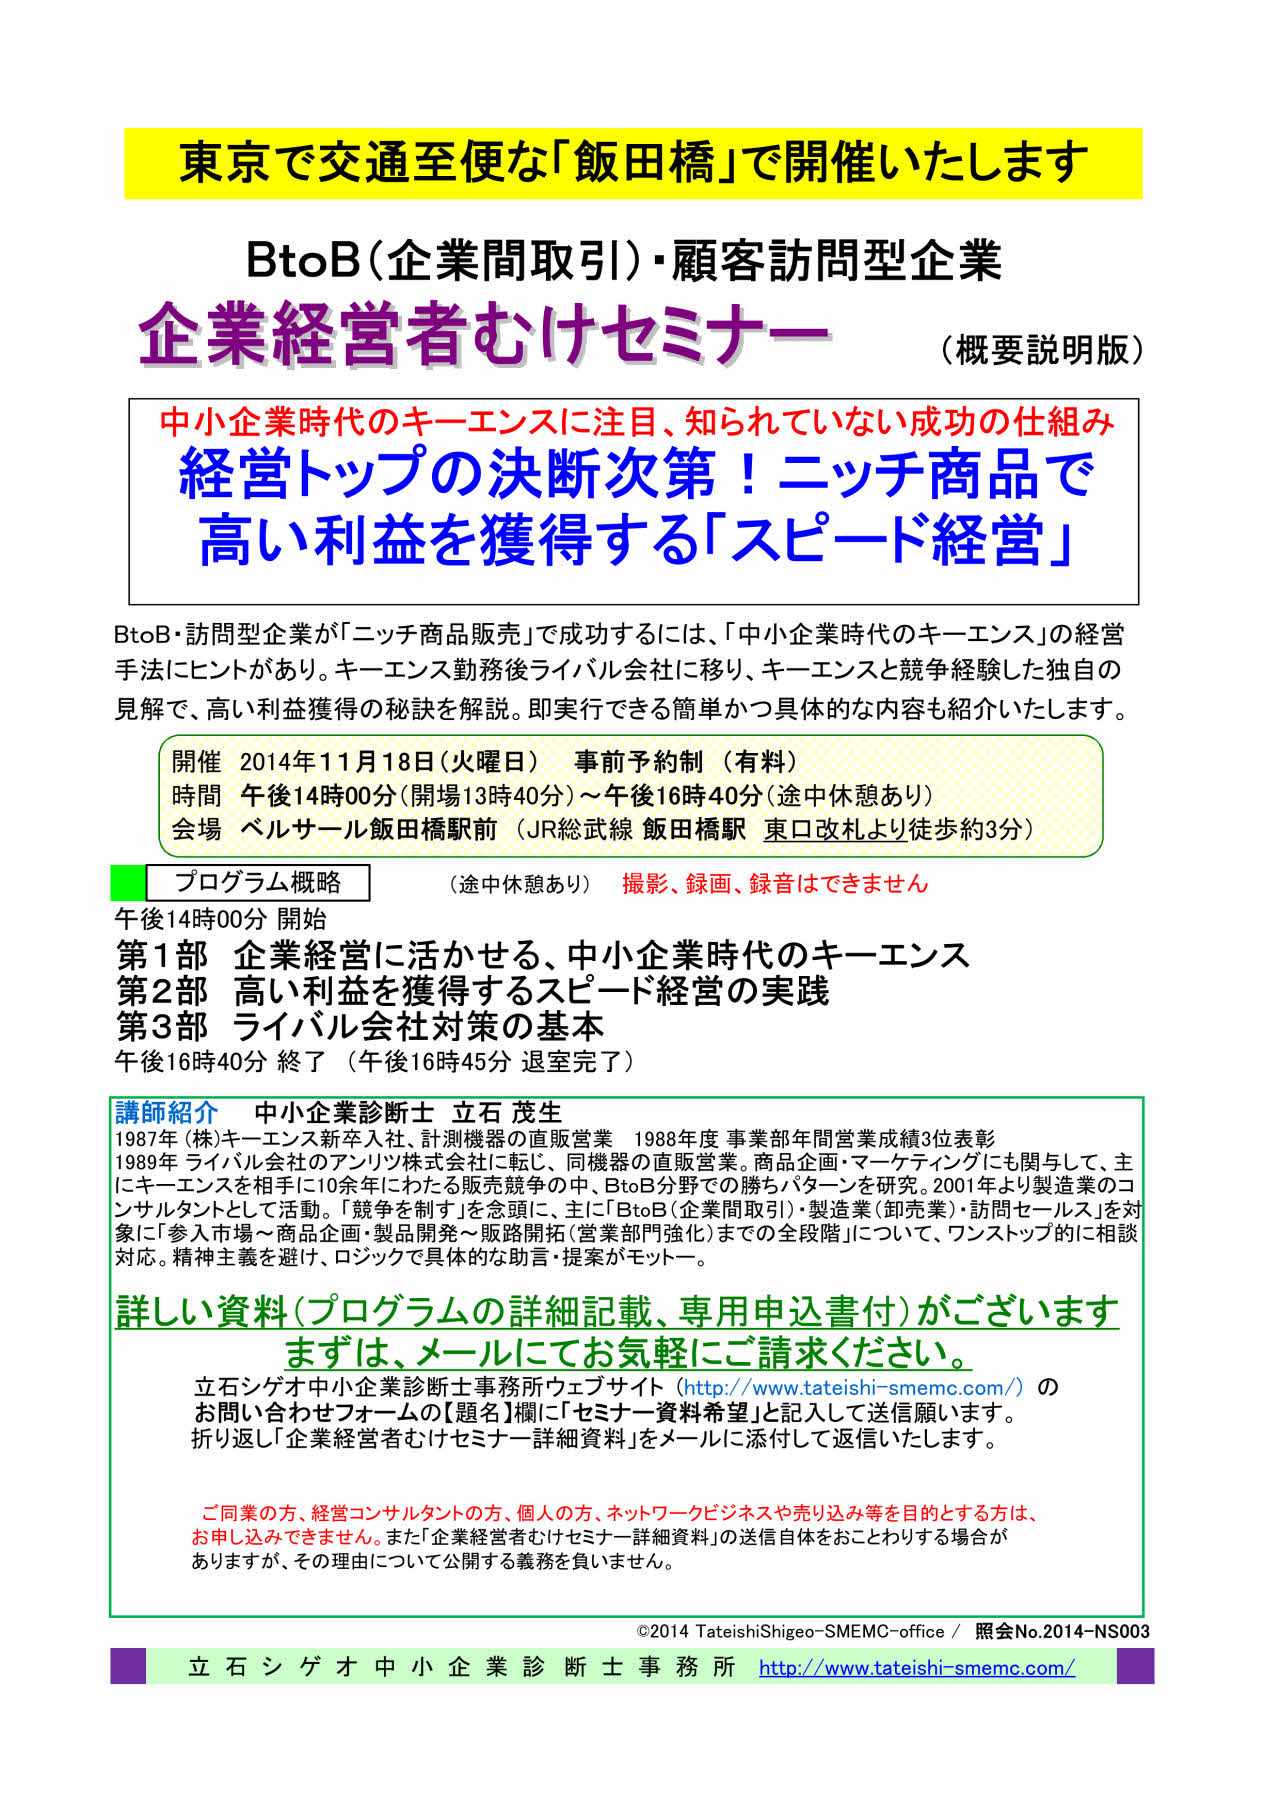 2014年11月18日セミナー【概略】2